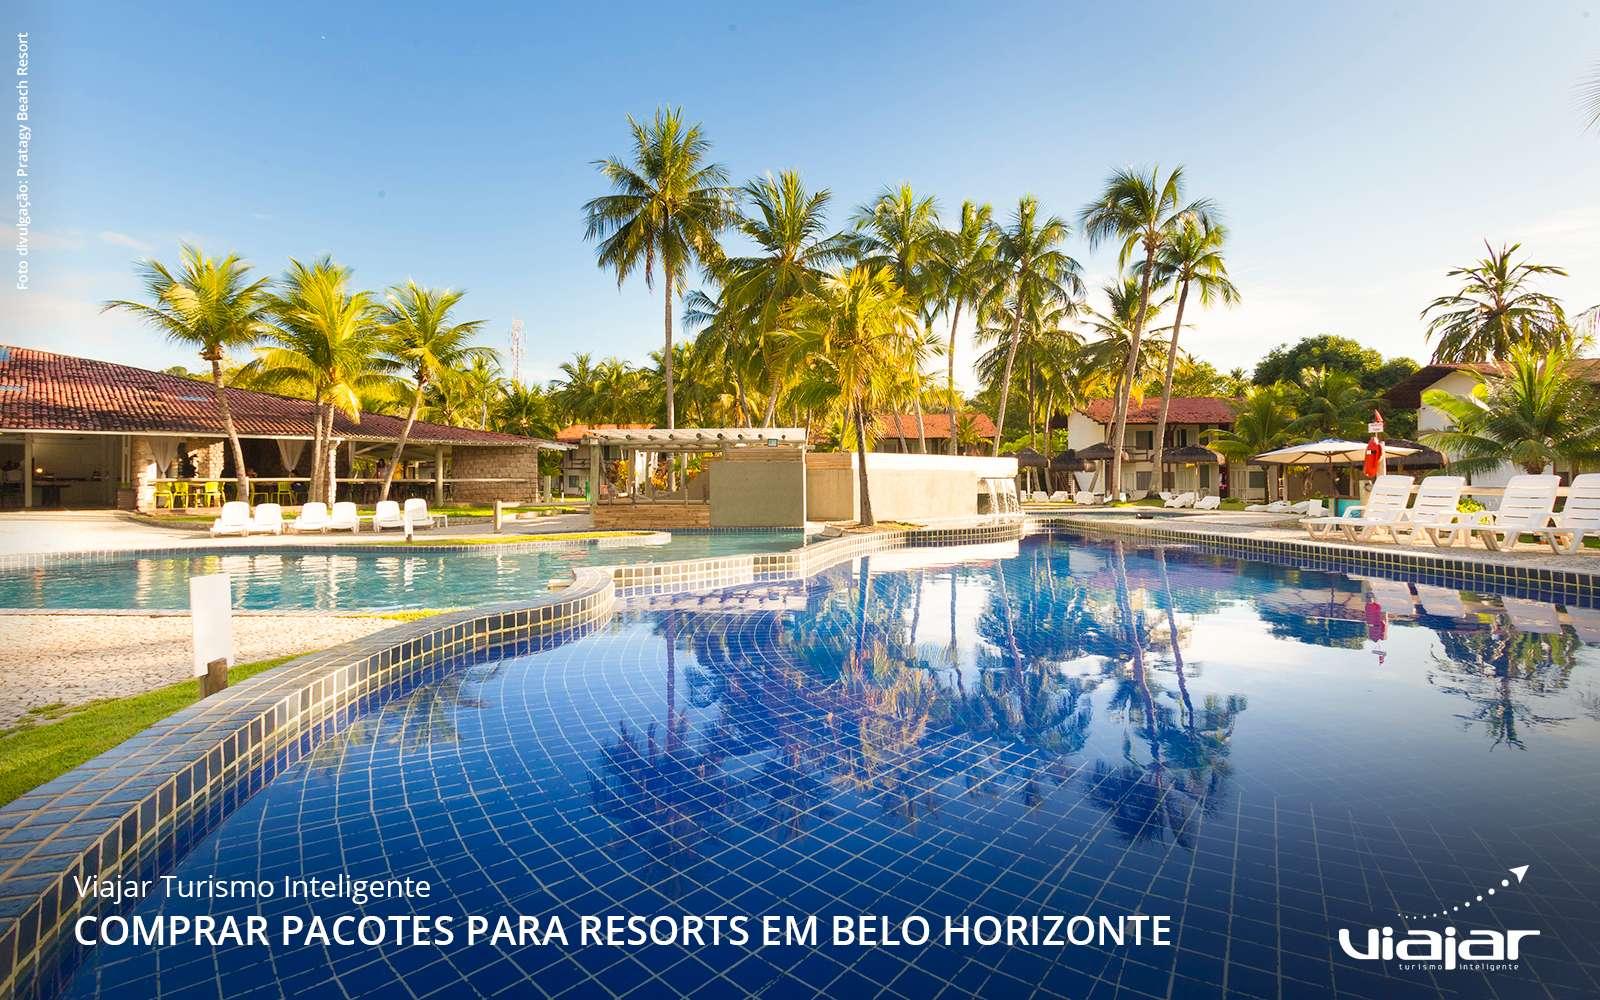 viajar-turismo-inteligente-comprar-pacotes-resorts-belo-horizonte-minas-gerais-08-1